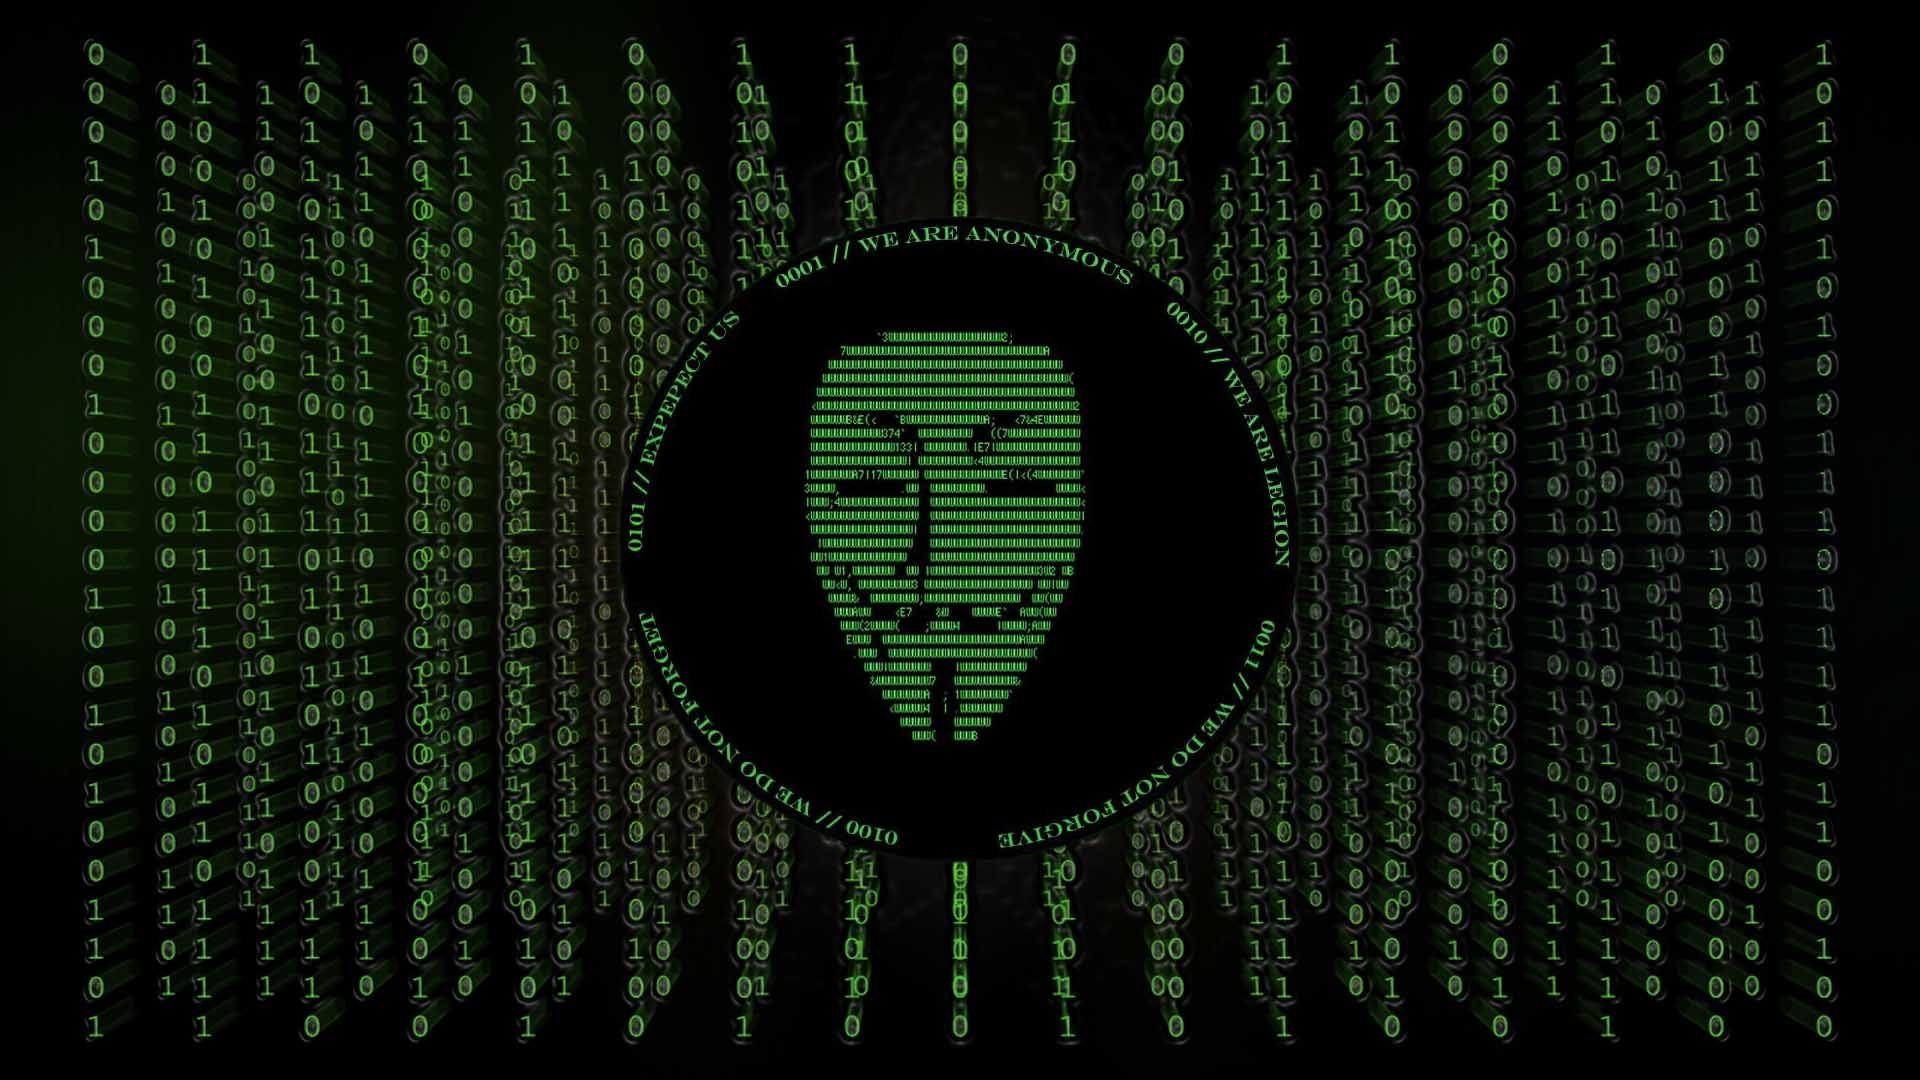 hackers desktop wallpaper download cool anonymous hackers wallpaper 1920x1080